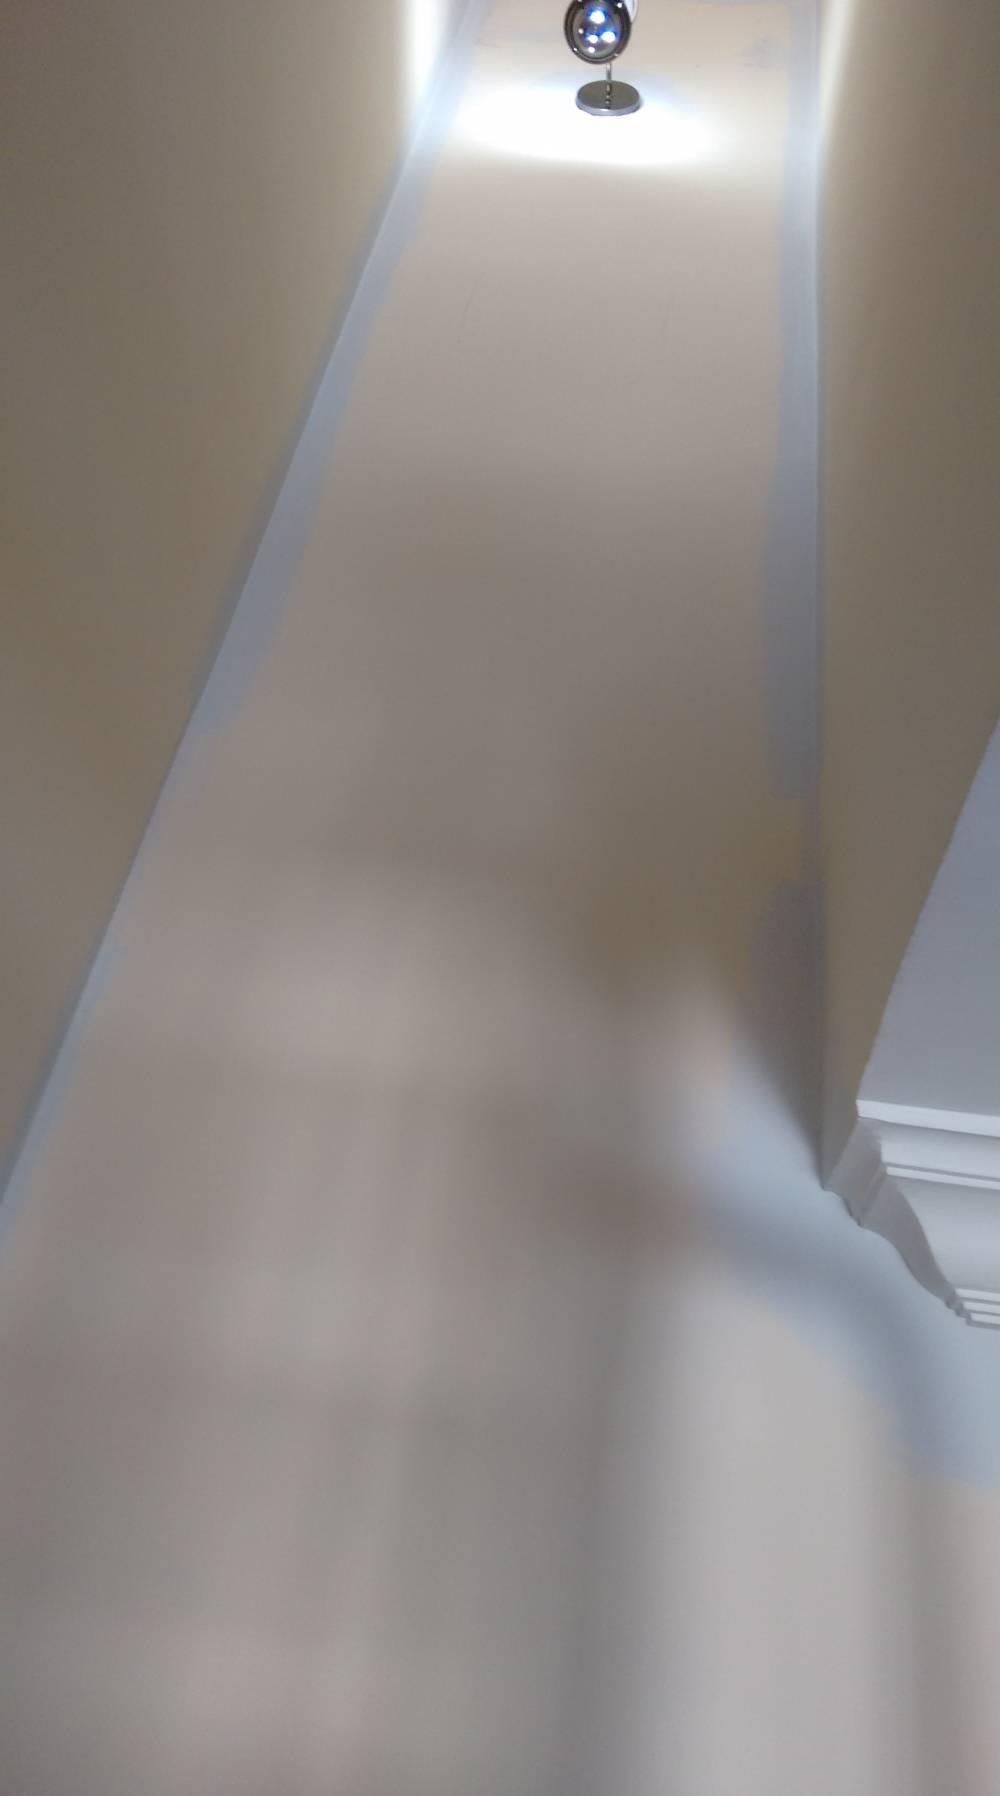 Contratar Empresa Que Faça Manutenções Residenciais no Jabaquara - Manutenção Residencial no ABC